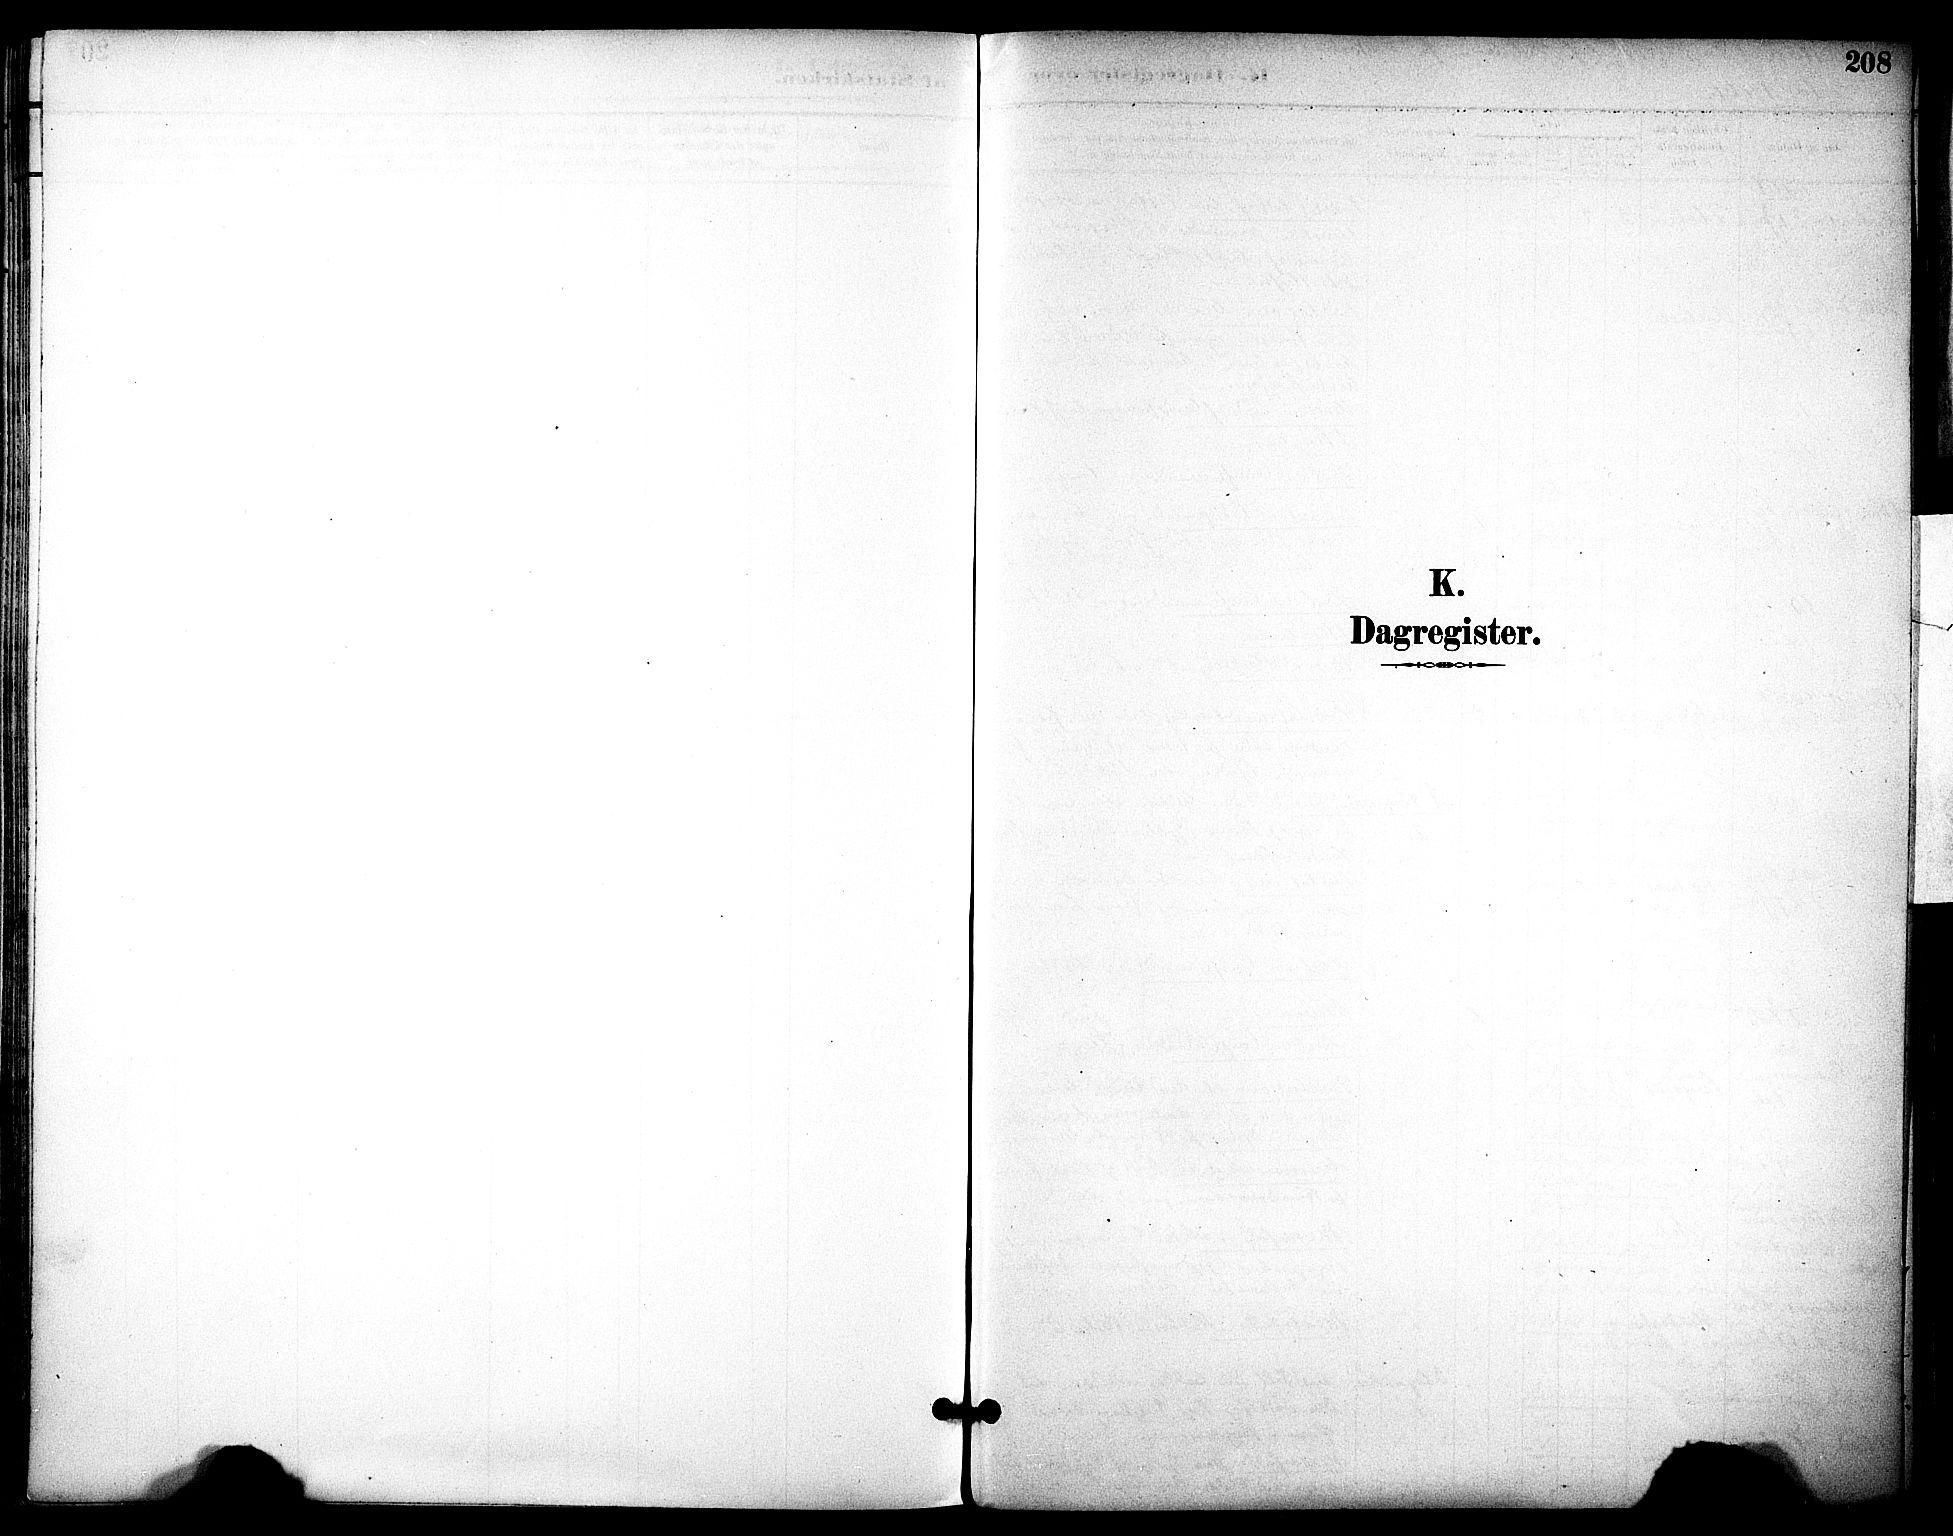 SAT, Ministerialprotokoller, klokkerbøker og fødselsregistre - Sør-Trøndelag, 686/L0984: Ministerialbok nr. 686A02, 1891-1906, s. 208